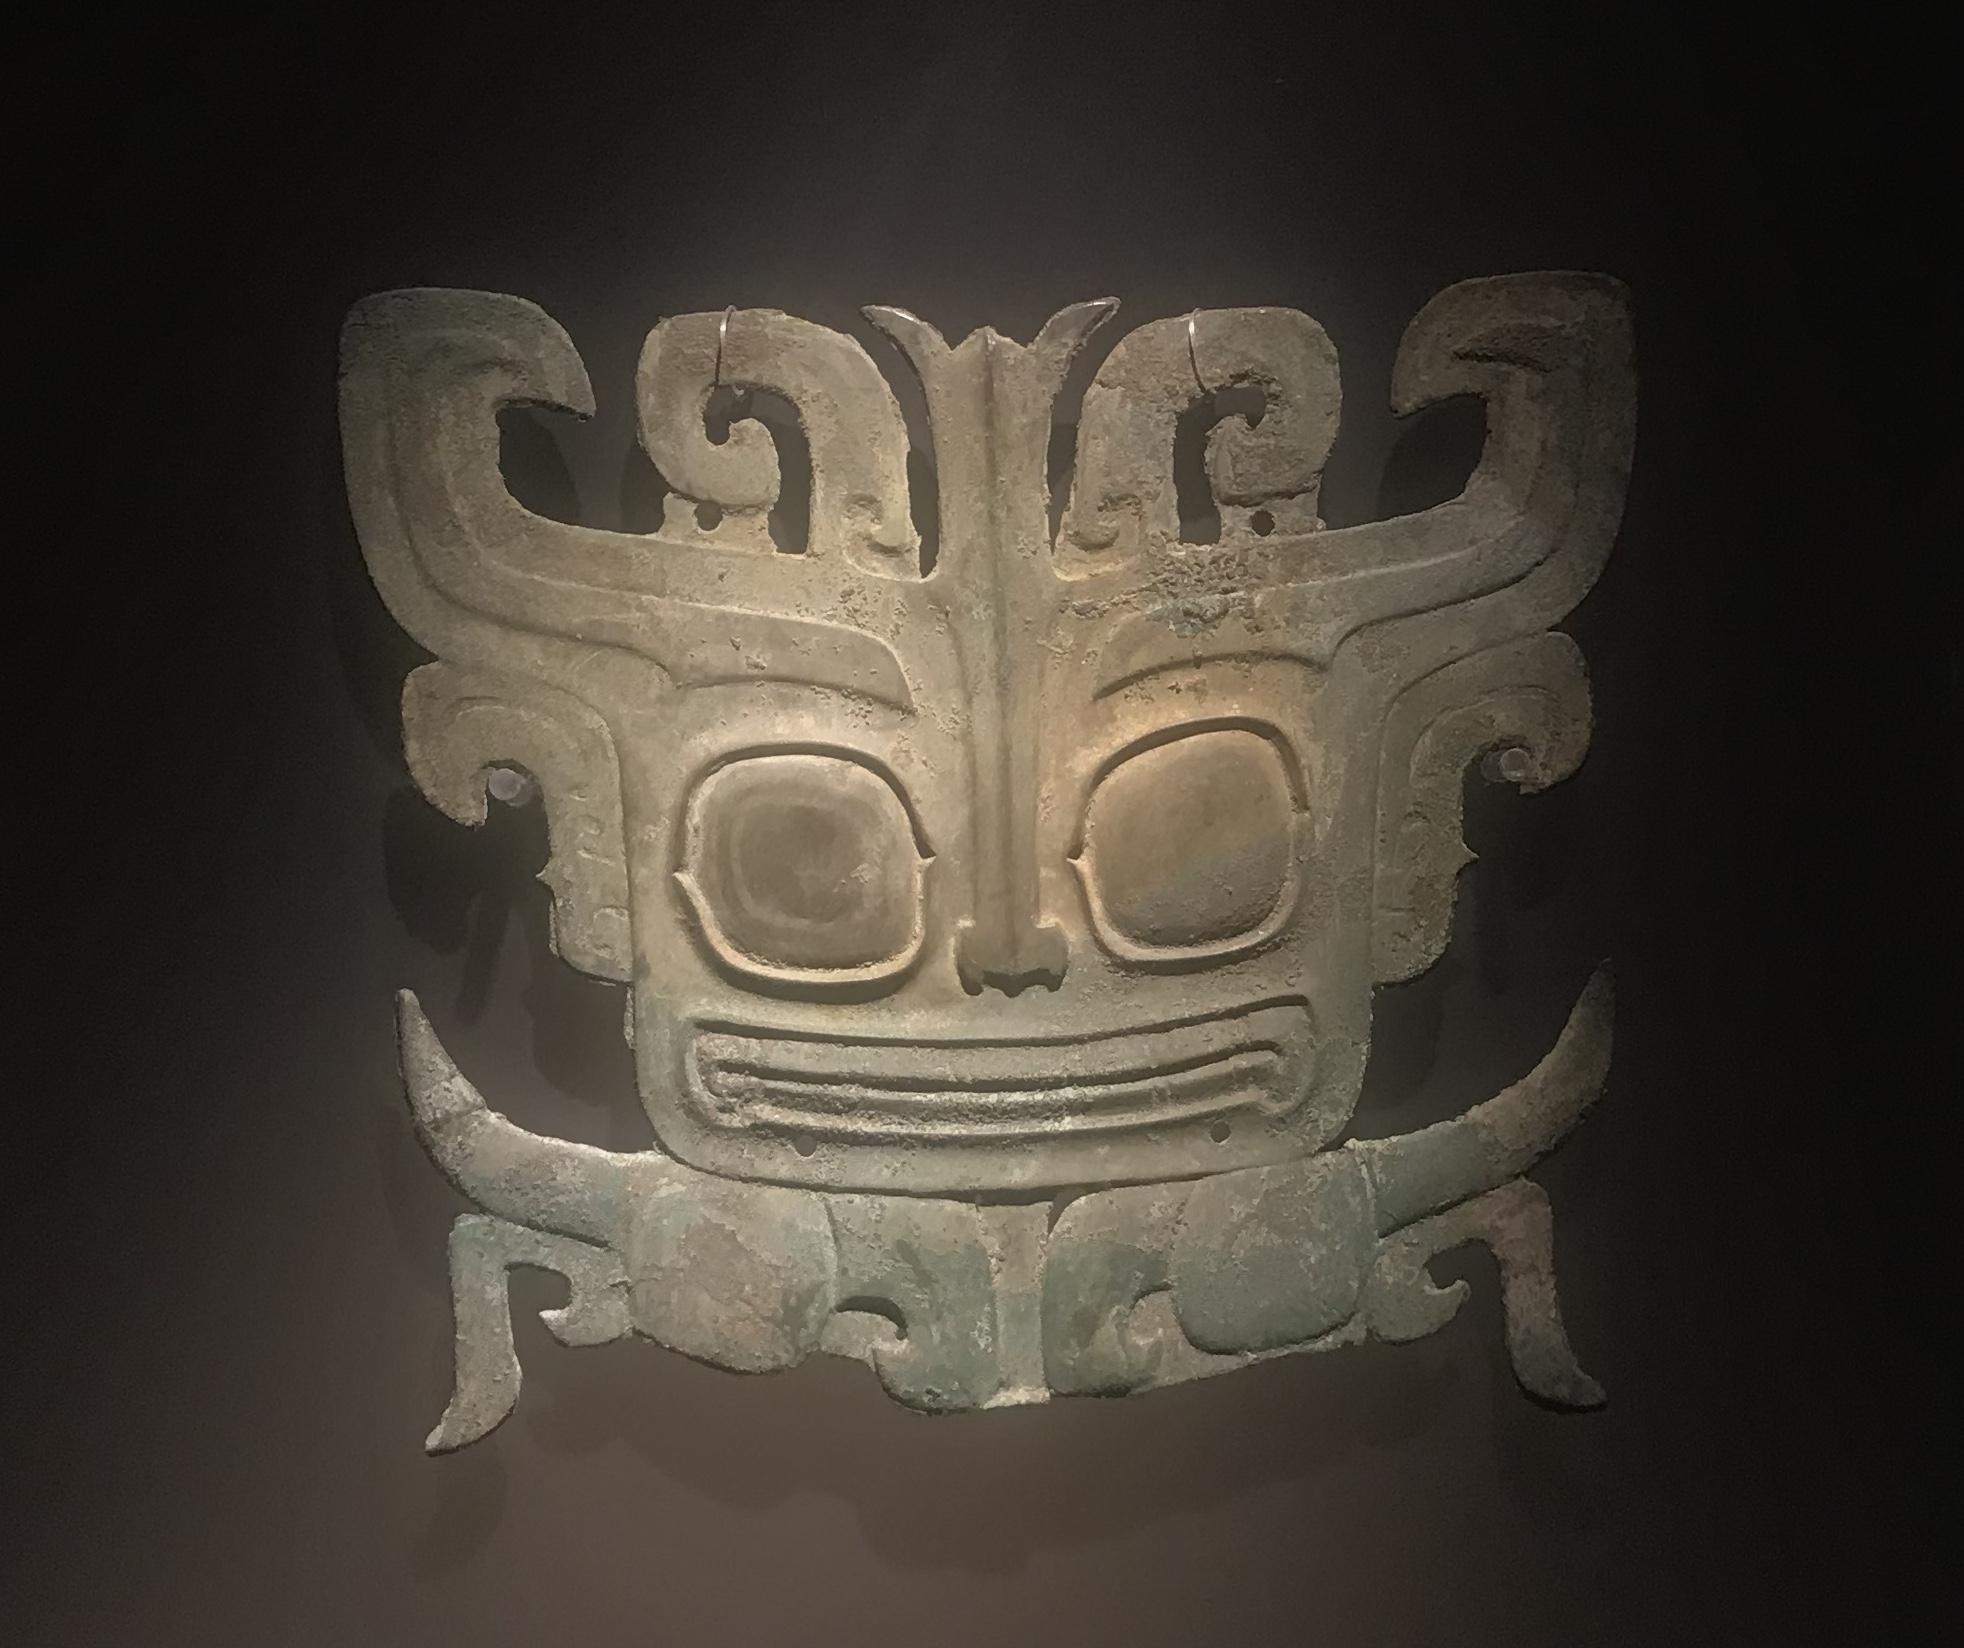 青銅獣面-青銅器館-三星堆博物館-広漢市-徳陽市-四川省